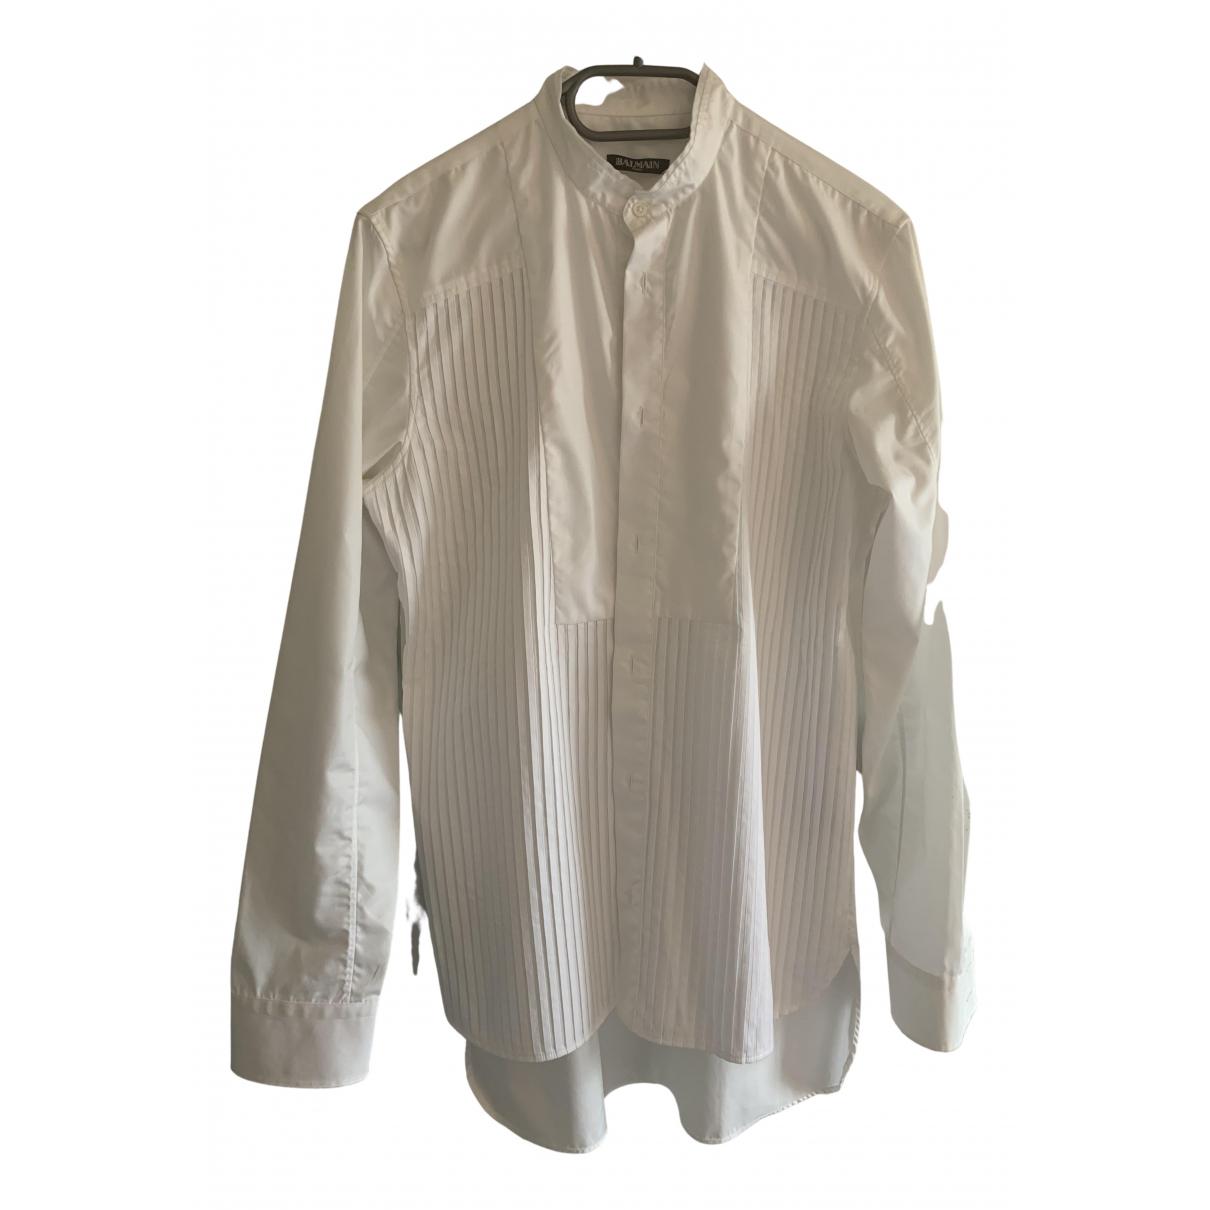 Balmain N White Cotton Shirts for Men 38 EU (tour de cou / collar)